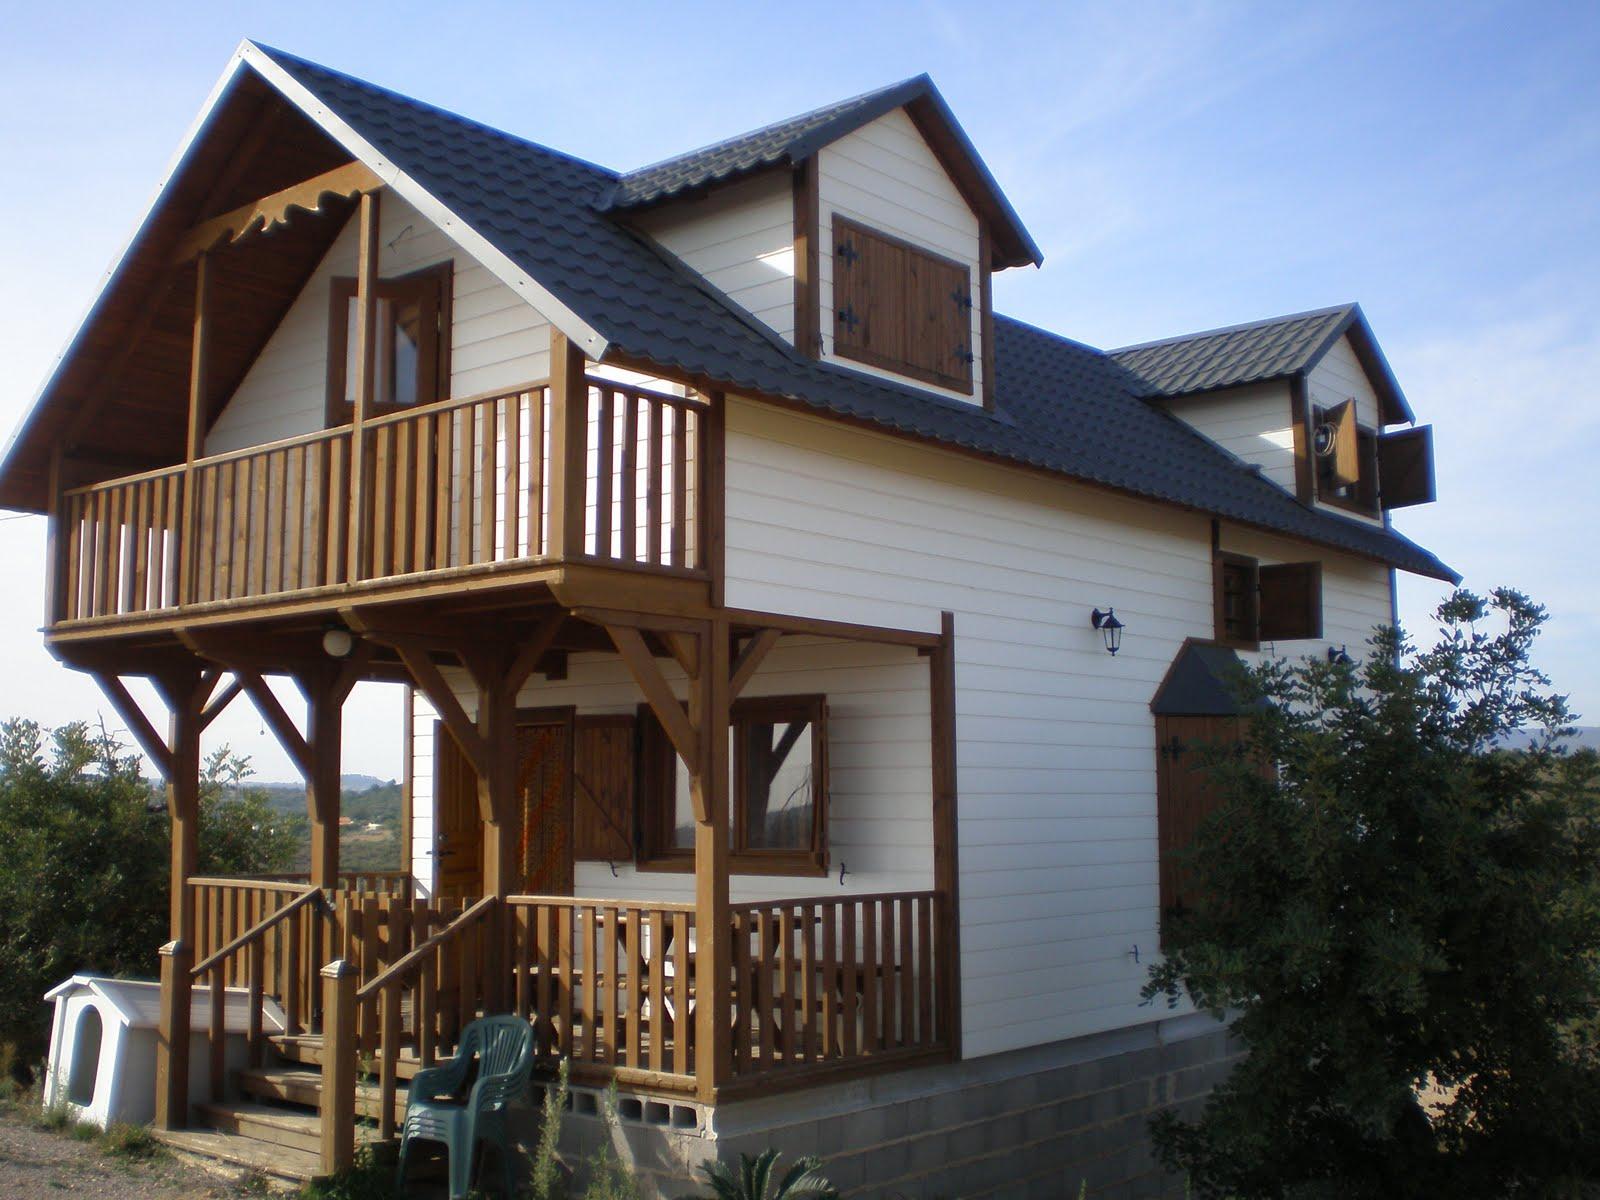 Venta de viviendas y parcelas de particulares venta de - Casas de madera de dos plantas ...